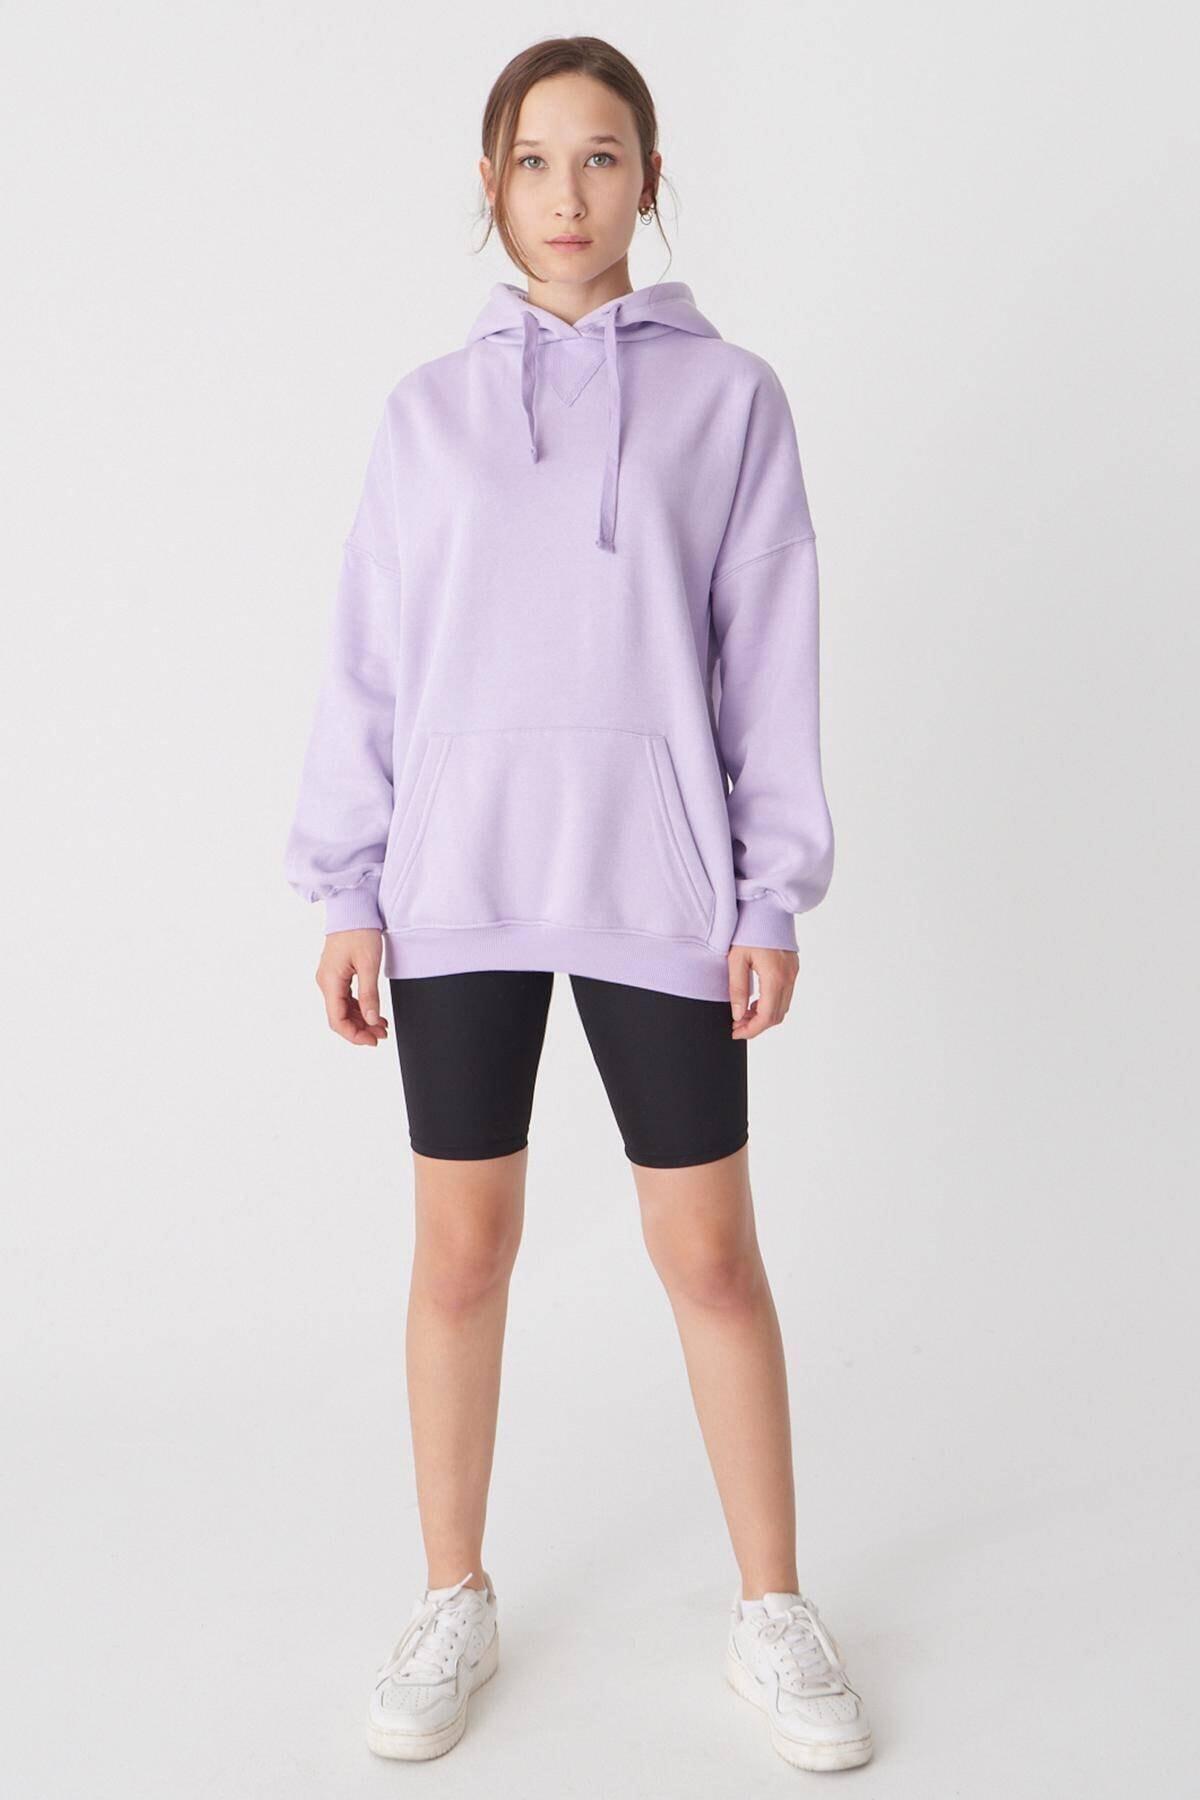 Addax Kadın Lila Kapüşonlu Sweatshirt S0519 - P10 - V2 ADX-0000014040 2